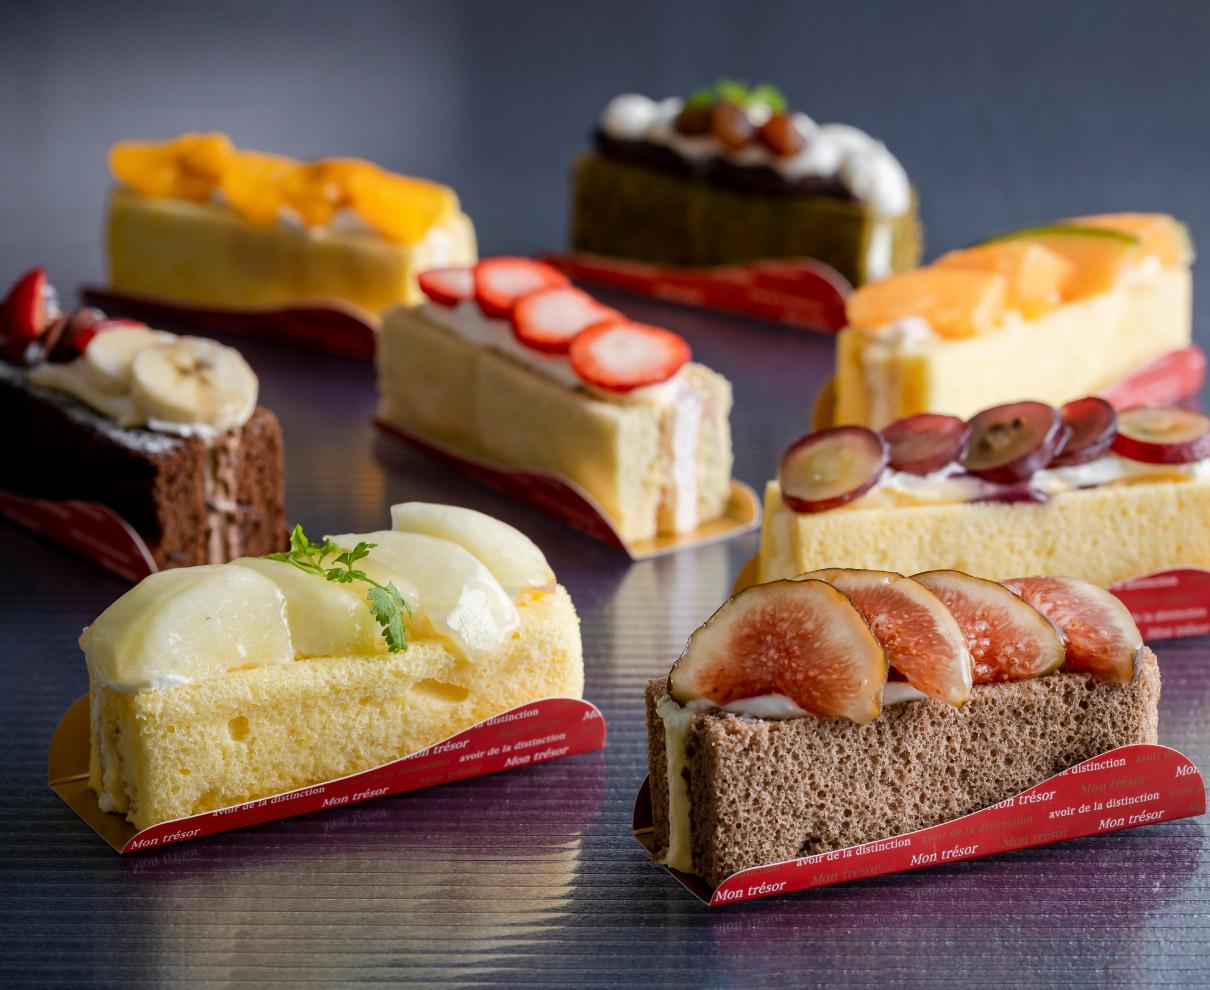 【求人】未経験者歓迎!福井市の老舗洋菓子『ハシモト』ではパティシエ、販売スタッフを募集しています。|ハシモト